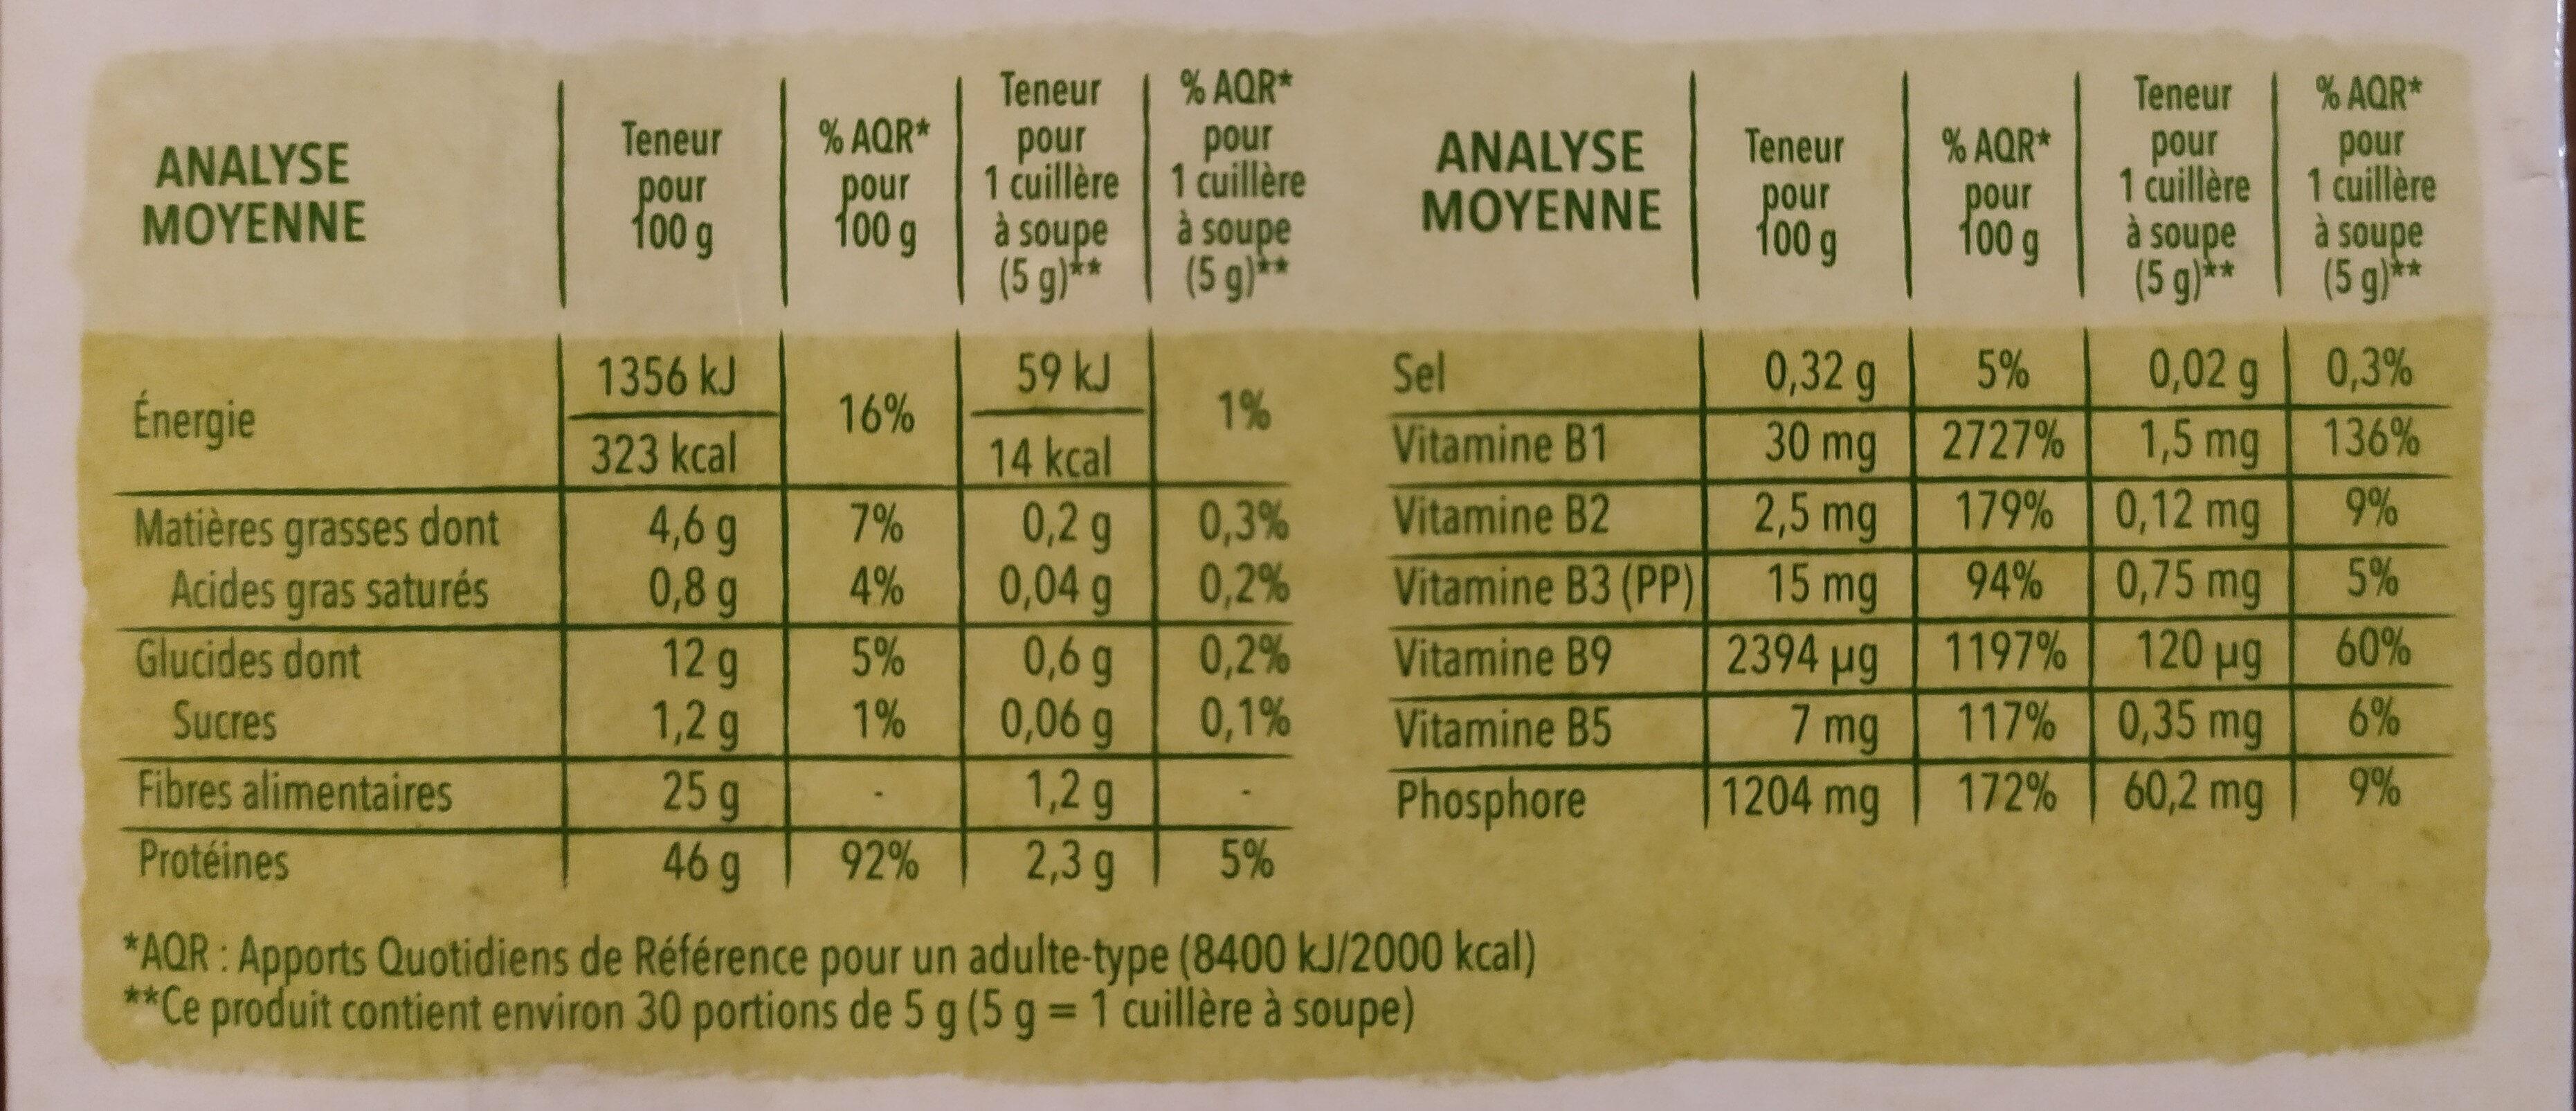 Levure de bière - Informations nutritionnelles - fr